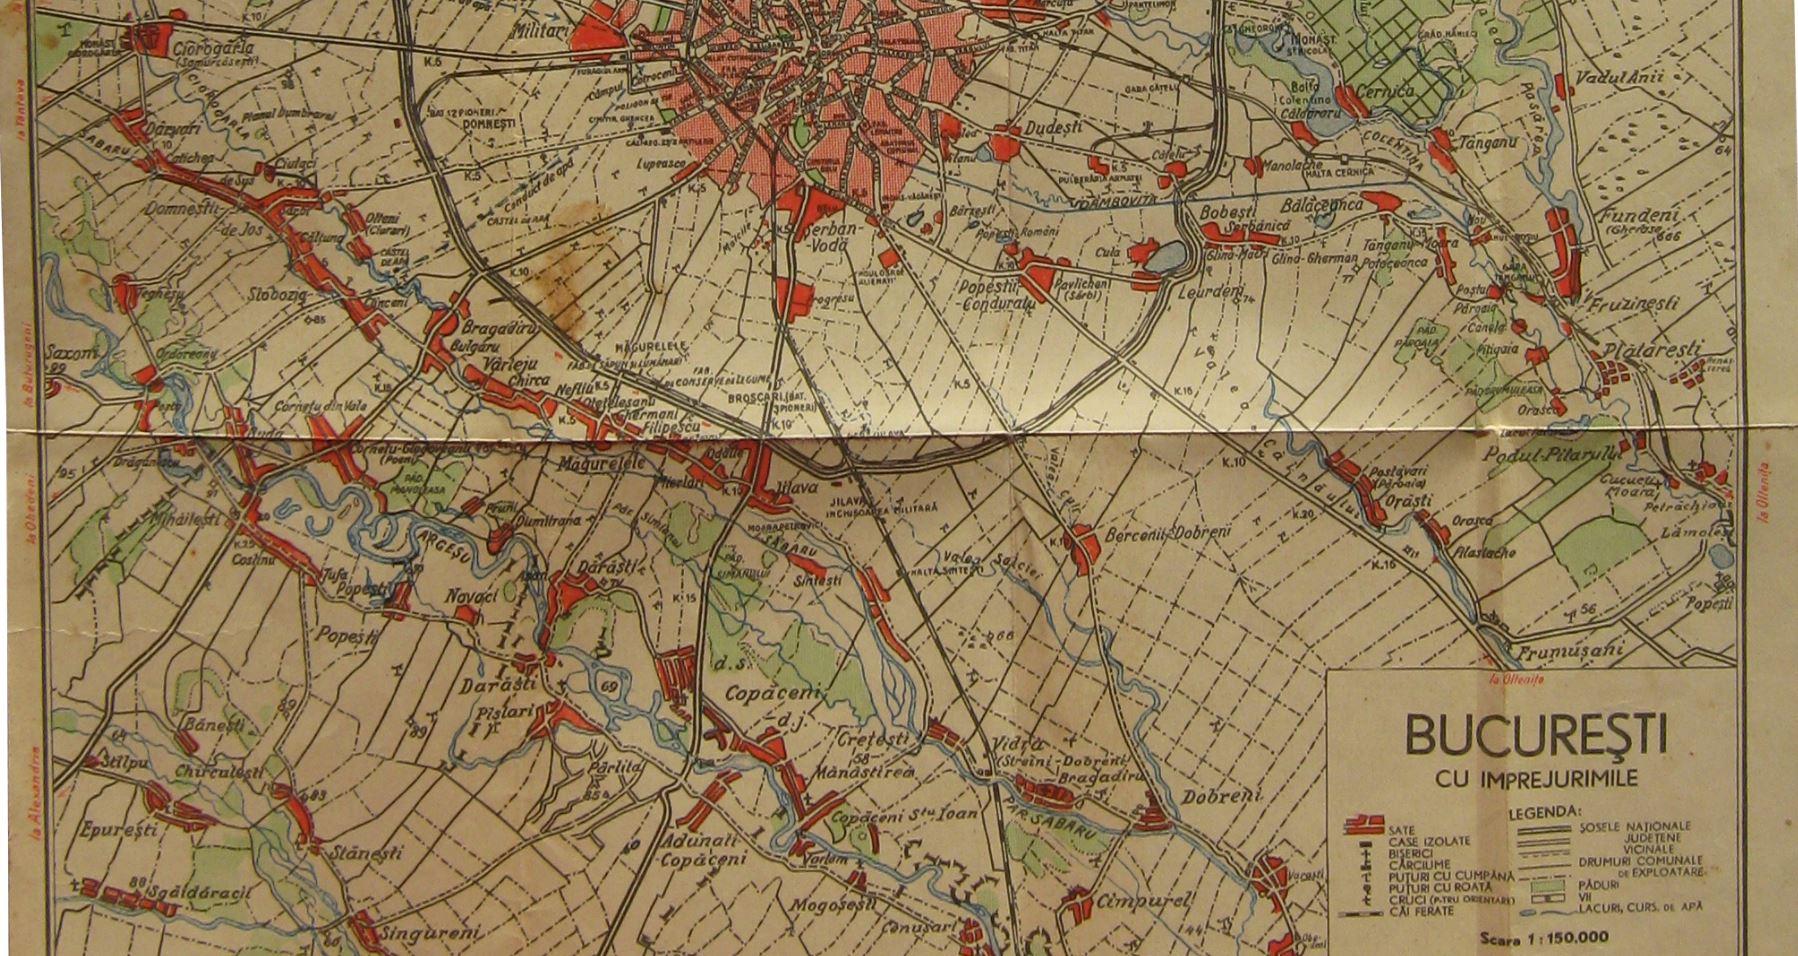 berceni - 1934 - drumuri comunale exploatare